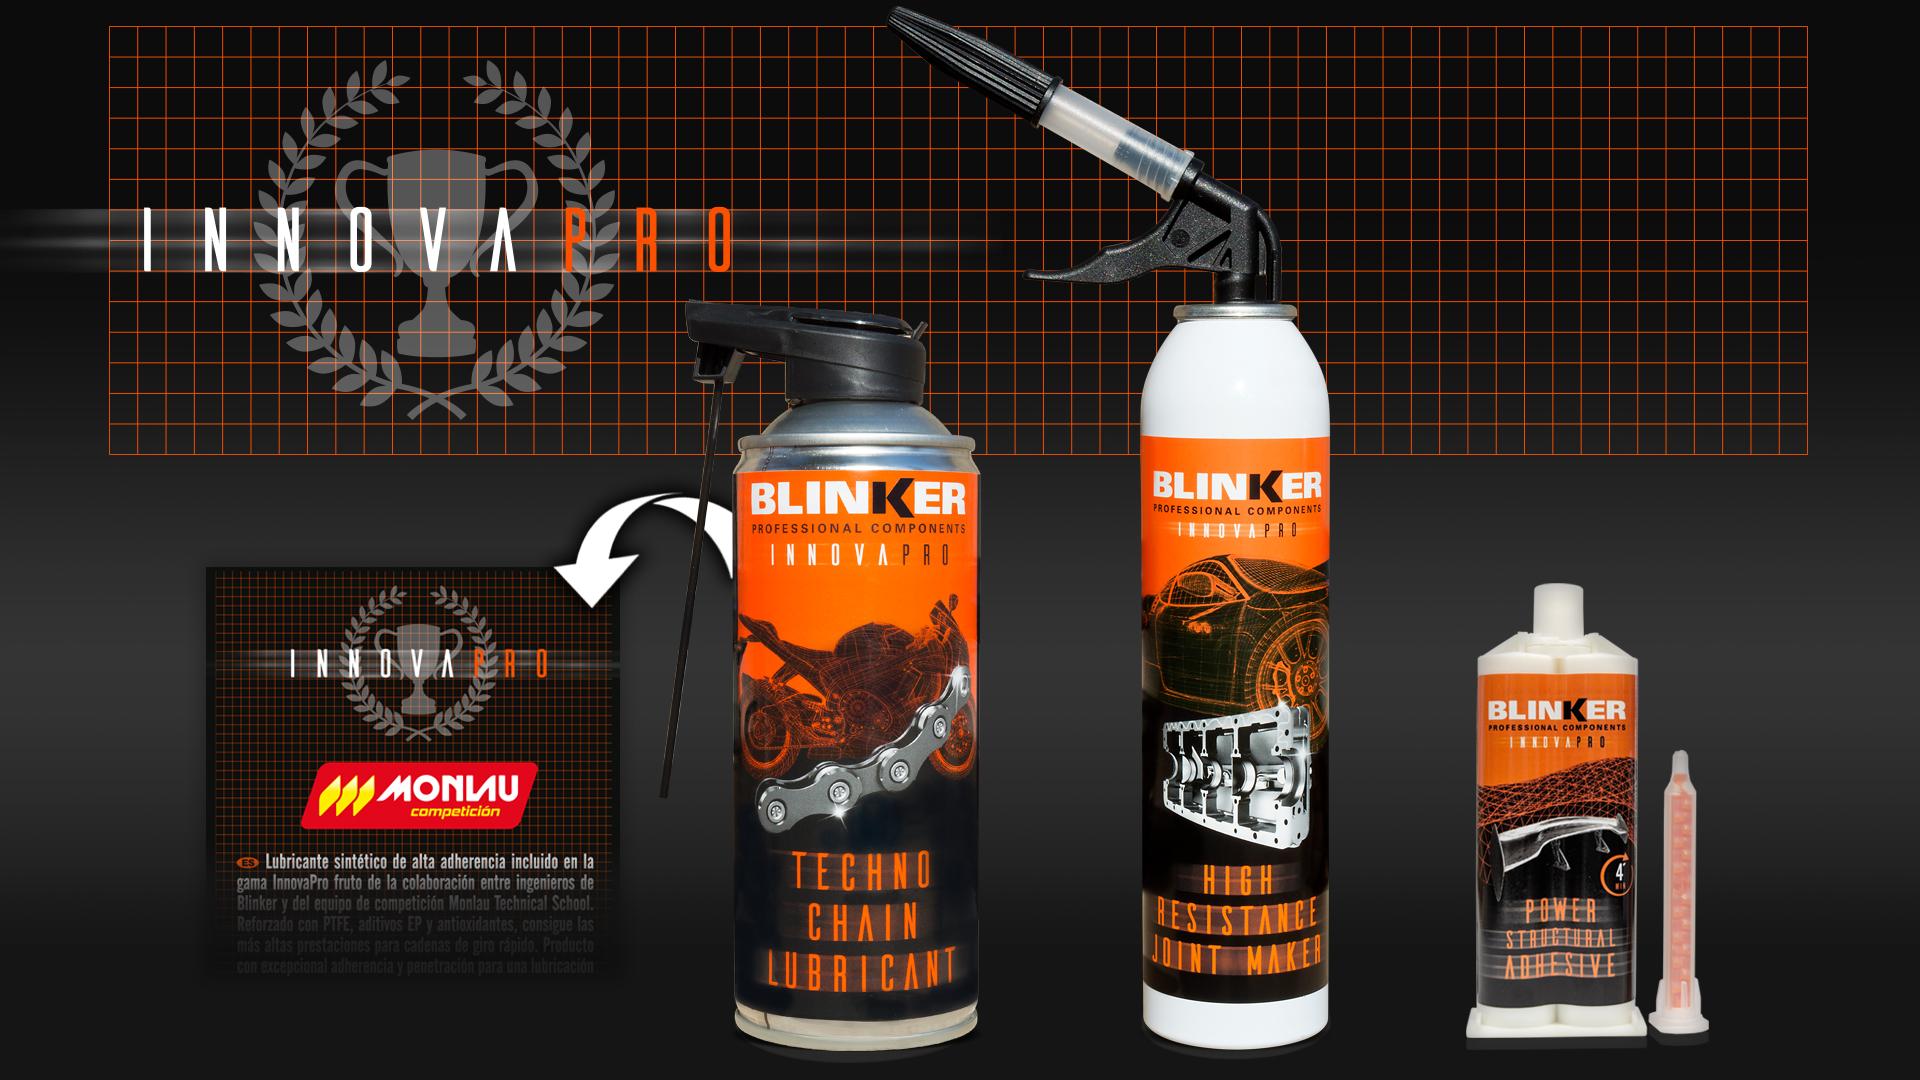 InnovaPro, la nouvelle gamme de produits Blinker testés en haute compétition